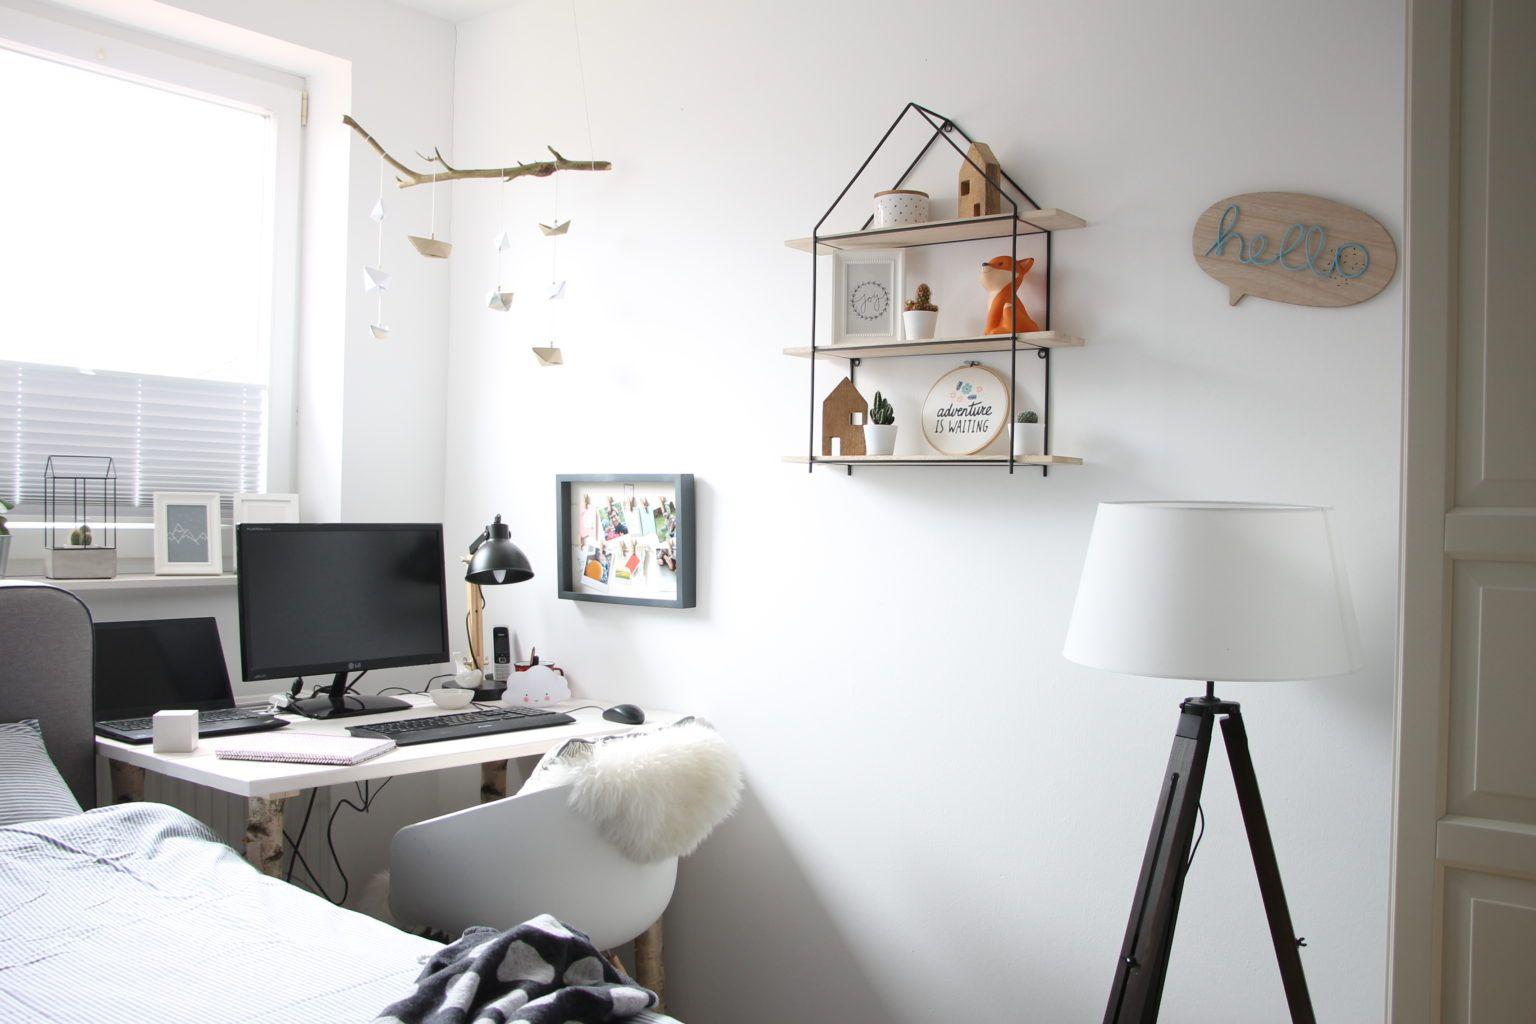 Anzeige Ein Schlafzimmer im ScandiStyle einrichten mit